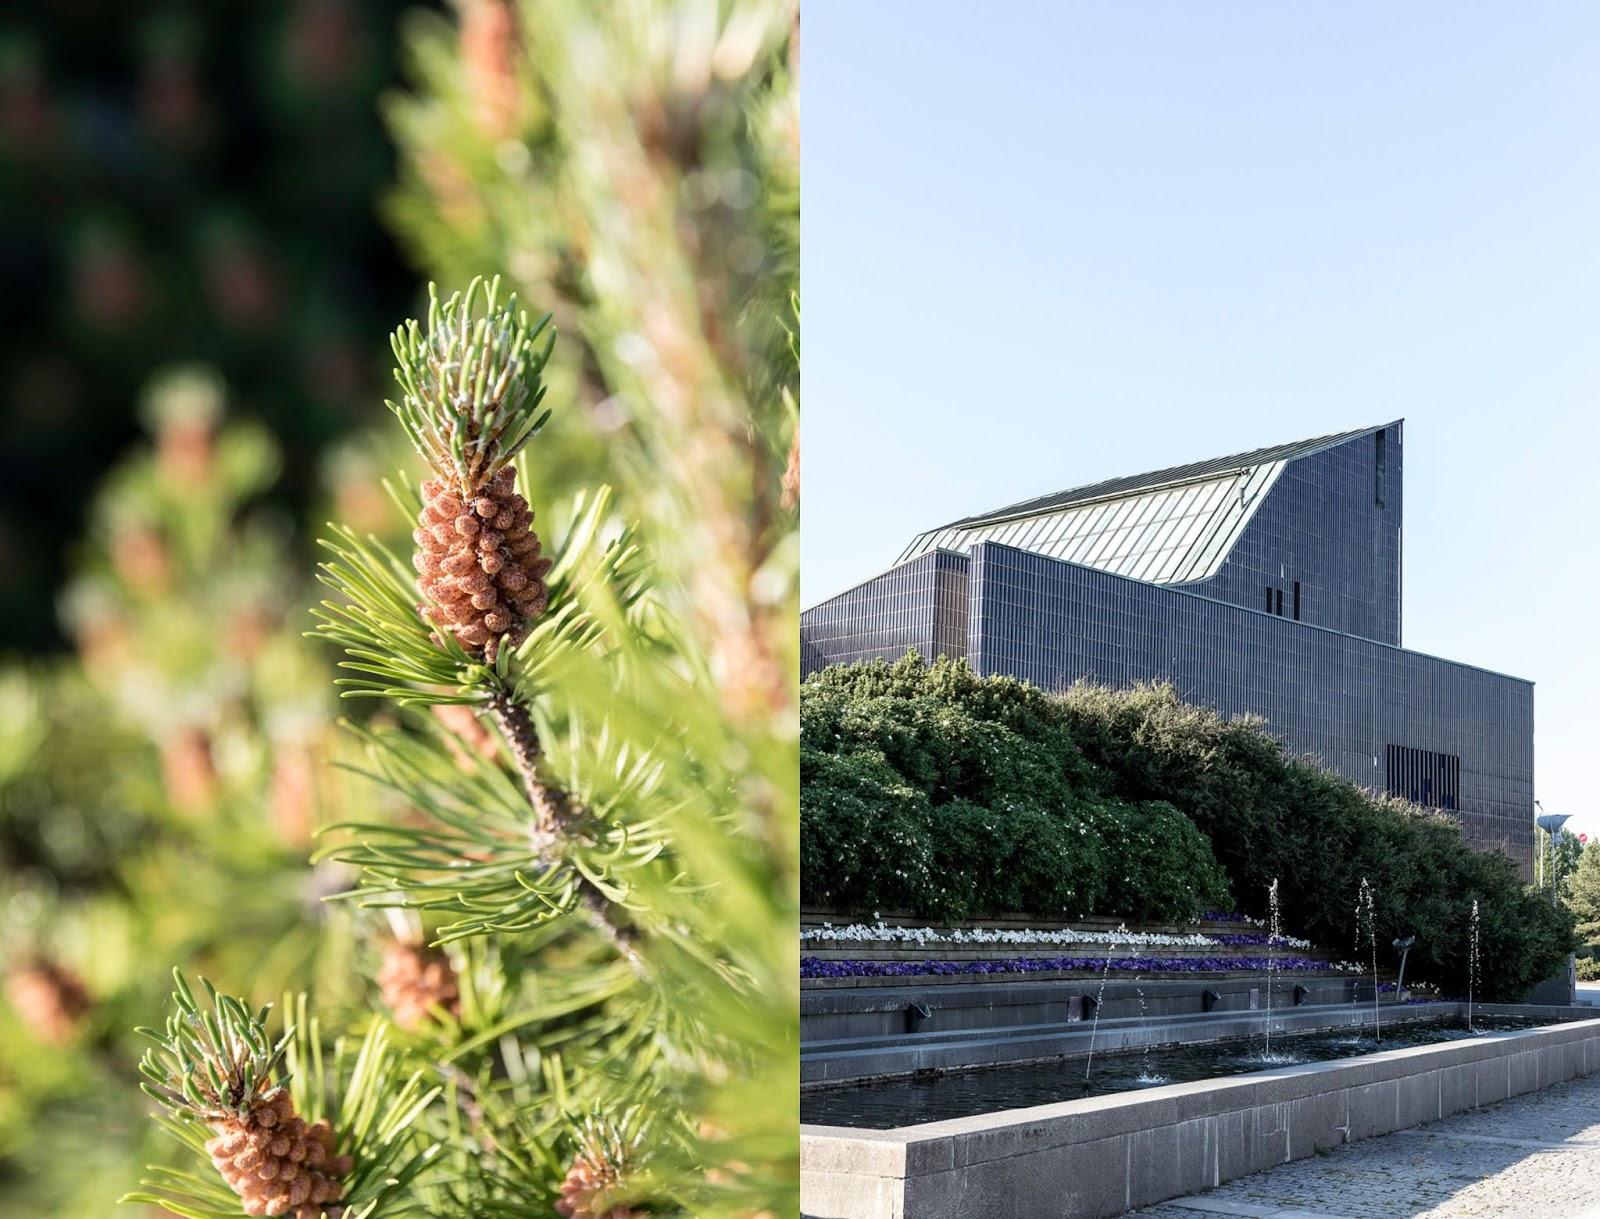 Seinäjoki, Aalto Keskus, Alvar Aalto, Visitseinäjoki, Pohjanmaa, arkkitehtuuri, architecture, valokuvaaja, photographer, Frida Steiner, visualaddict, visualaddictfrida